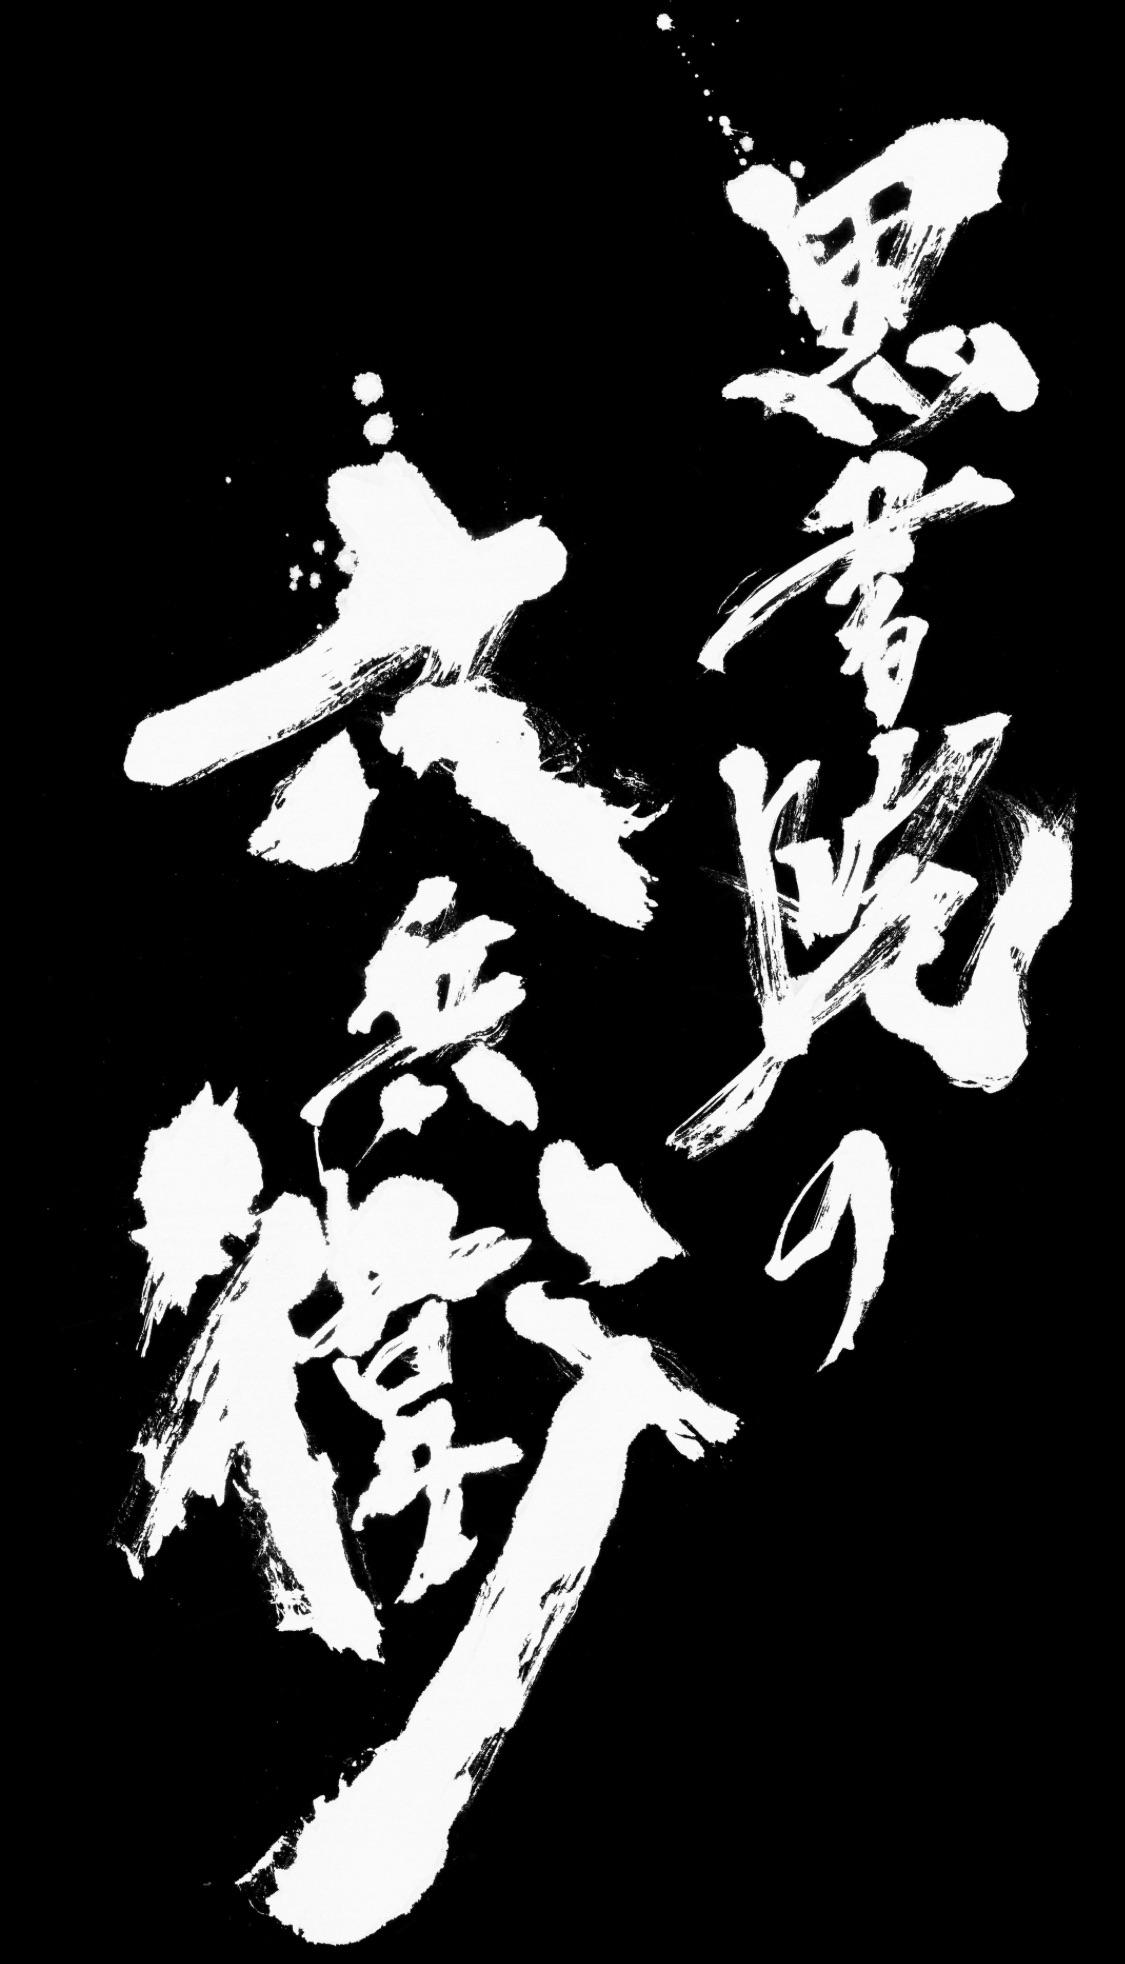 株式会社ミラージ「黒書院の六兵衛」Logo